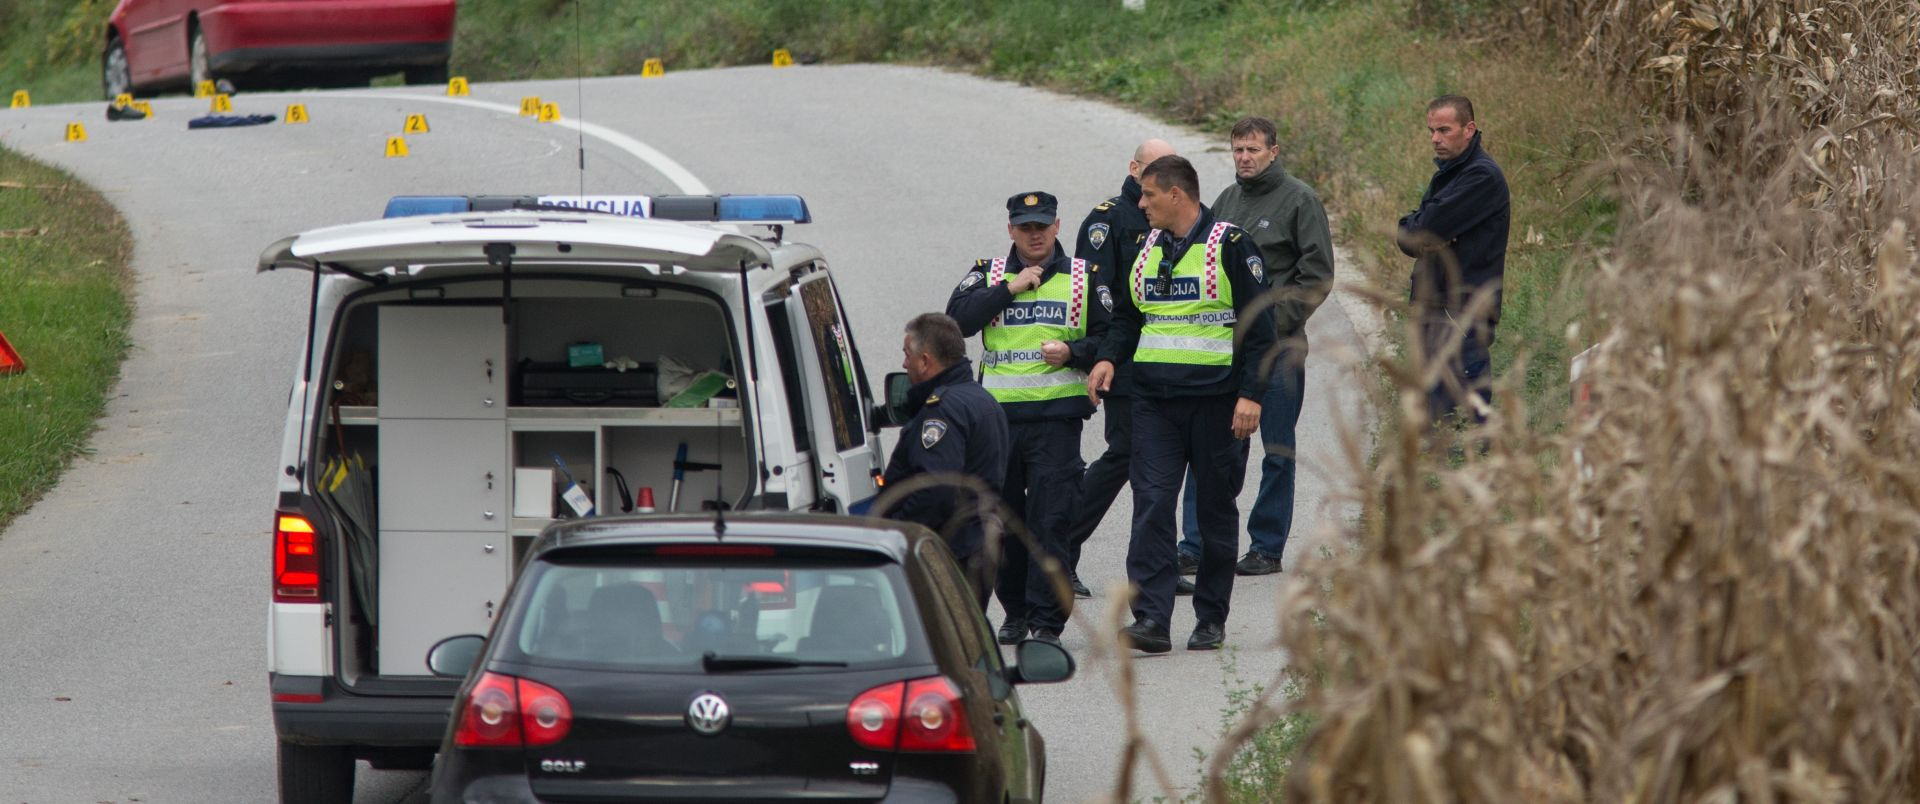 MUP Policija nastavlja s pojačanim nadzorom prometa